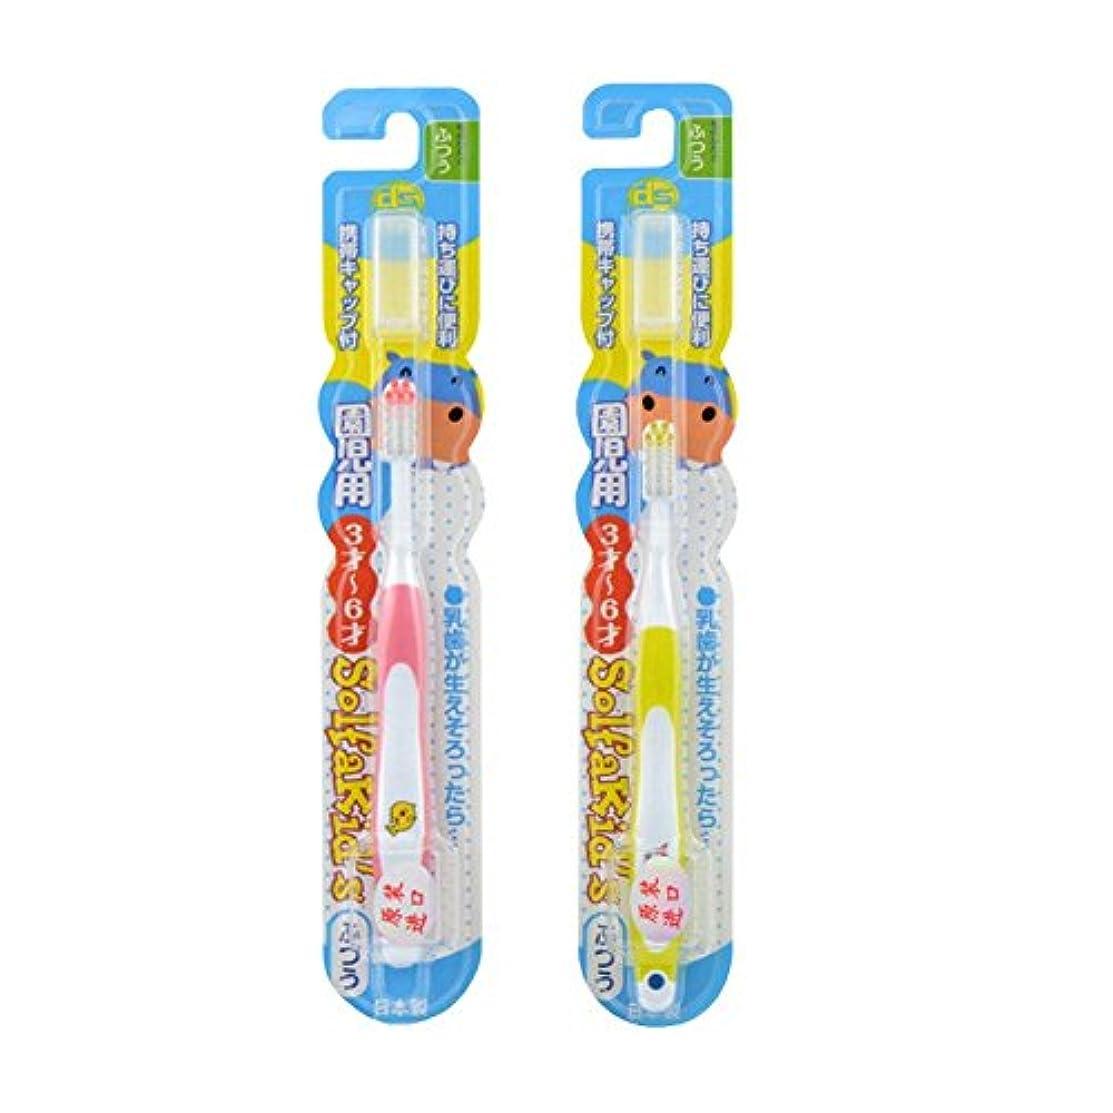 ブレース細胞偽善子供の歯ブラシ